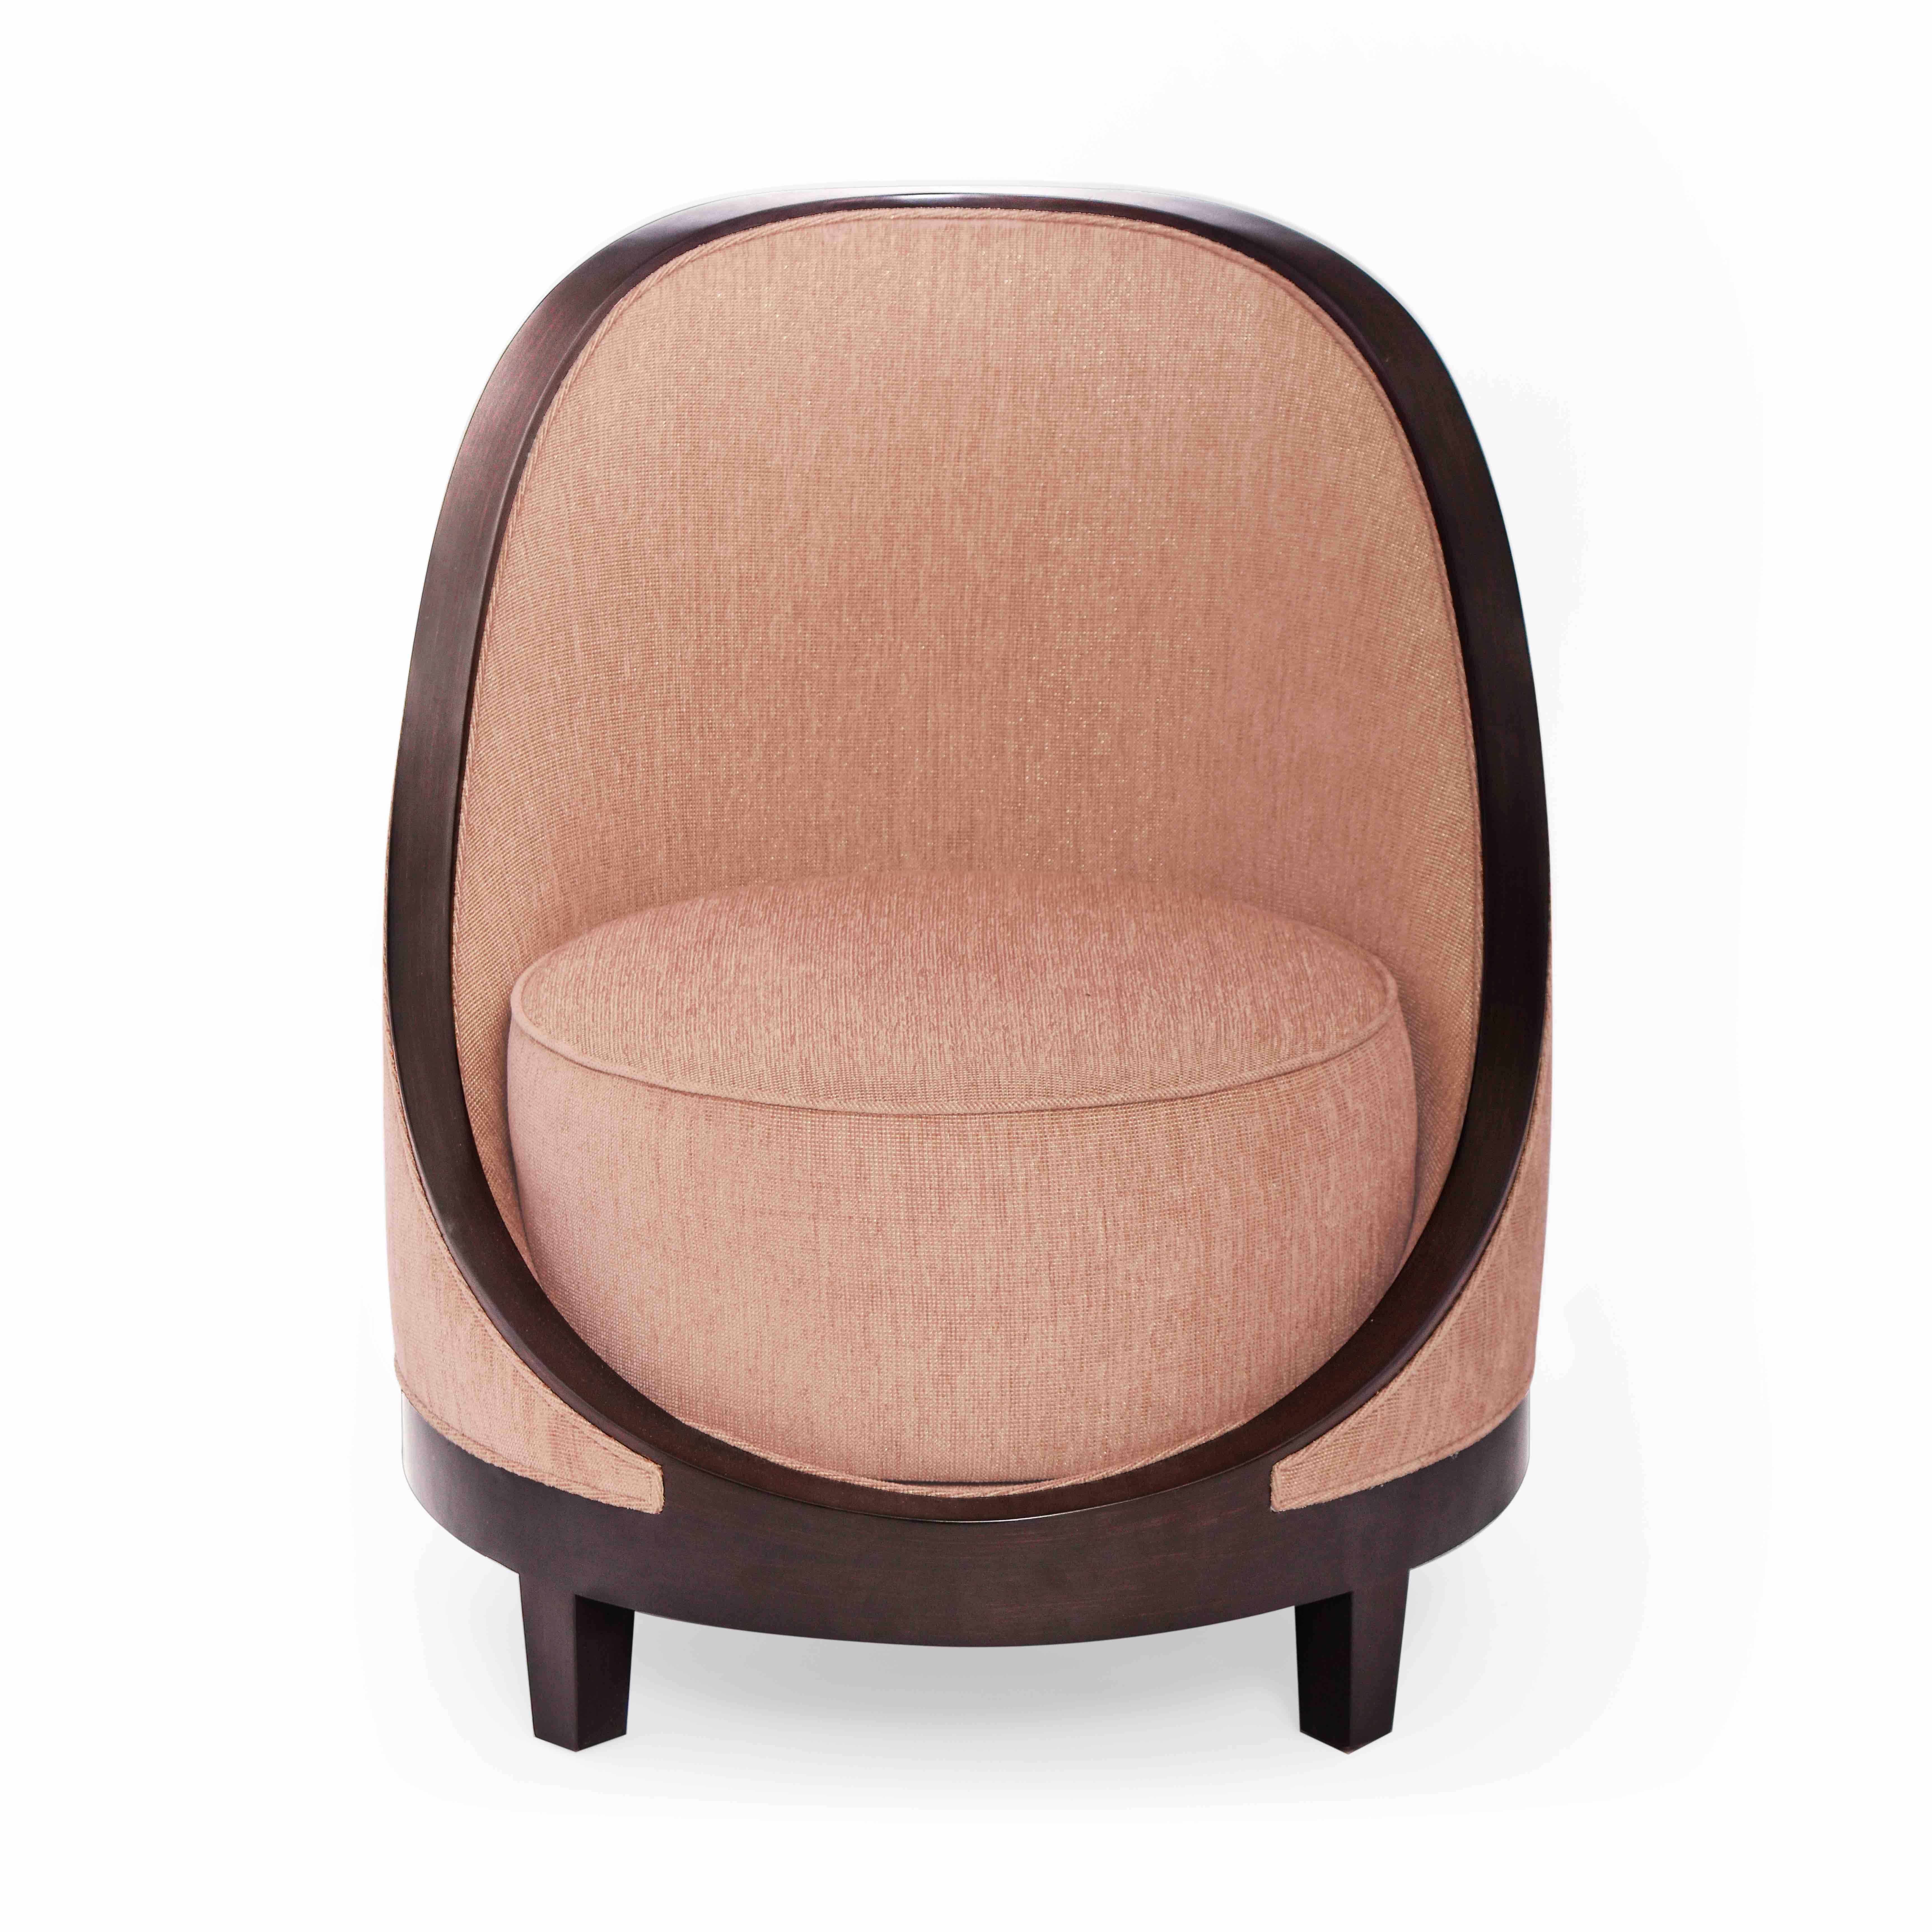 Badgley Mischka Marmont Accent chair